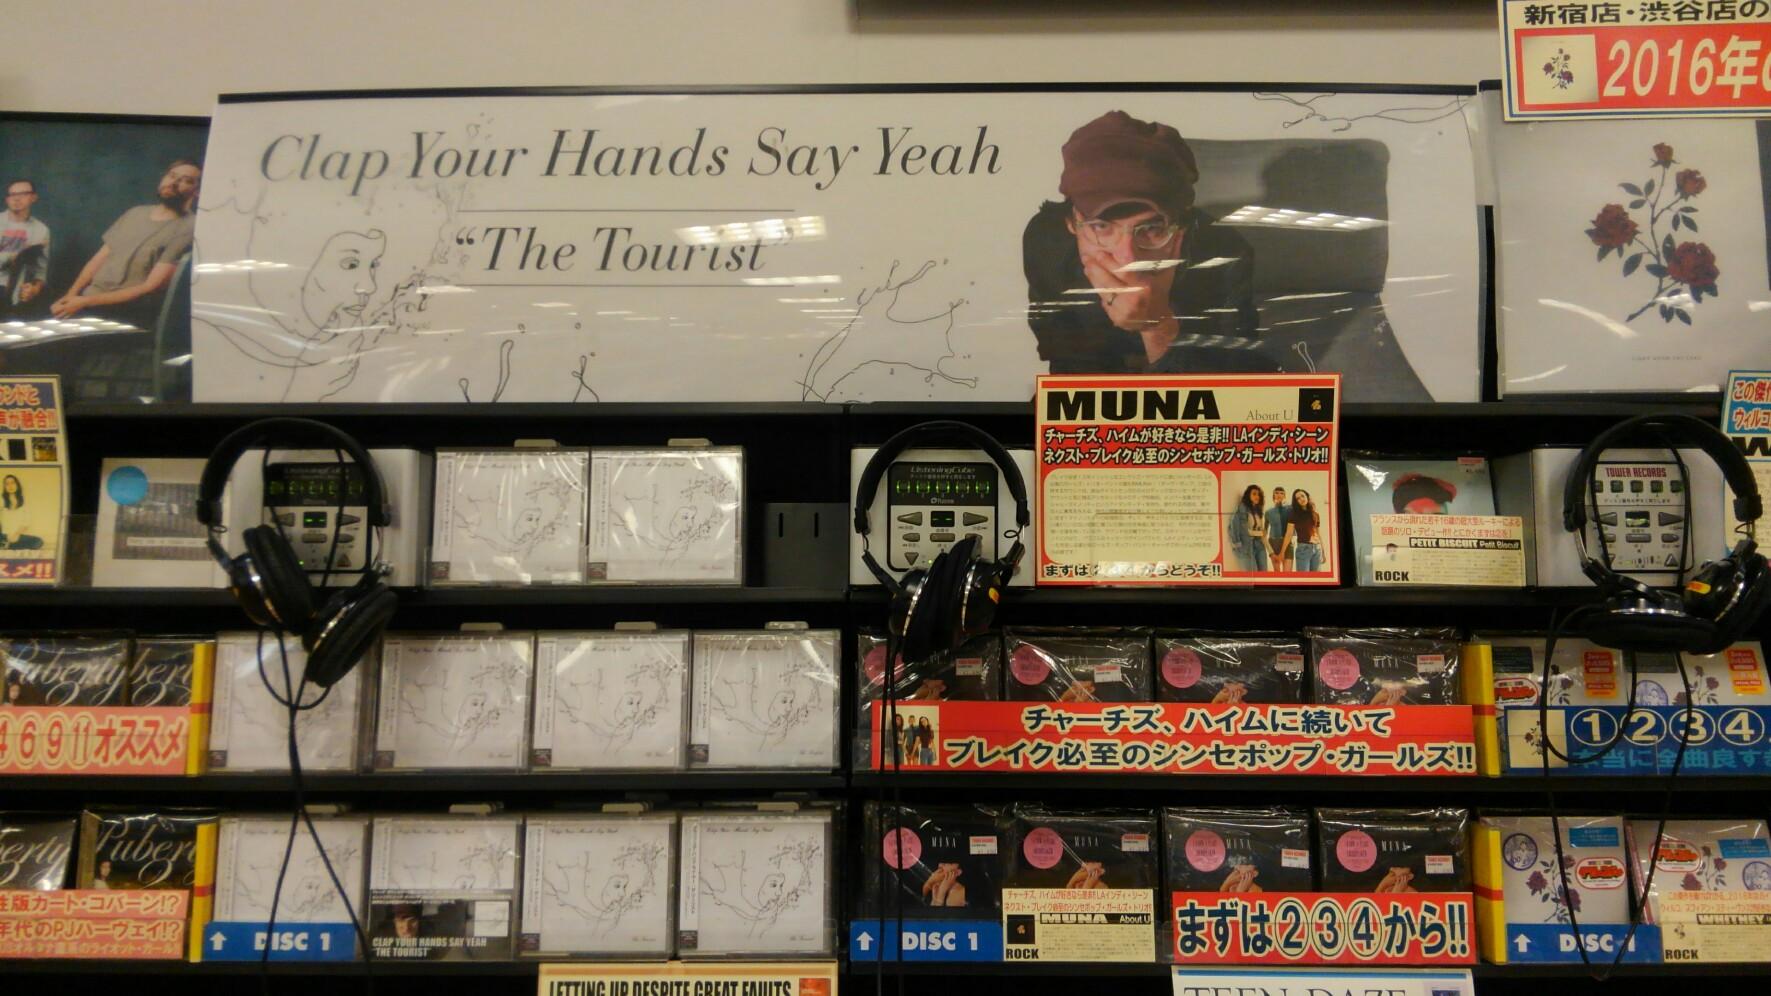 Tower Record Shinjuku_CLAP